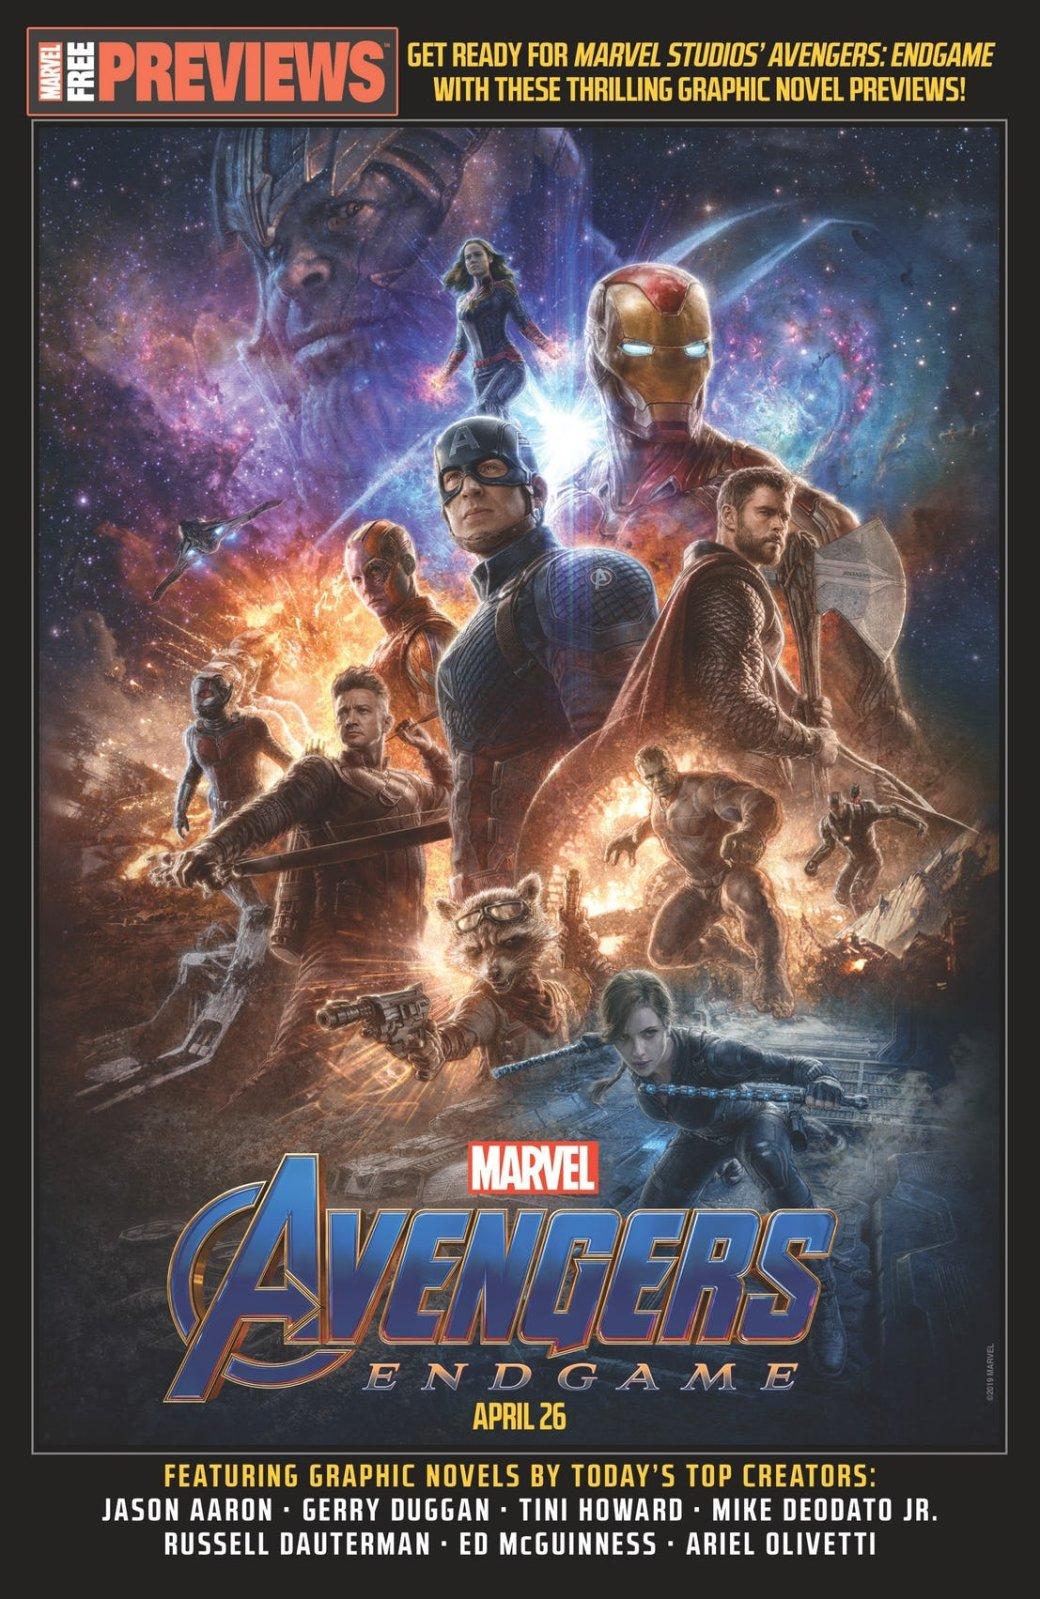 Фильм «Мстители: Финал» получил безумно красивый новый постер   Канобу - Изображение 2459